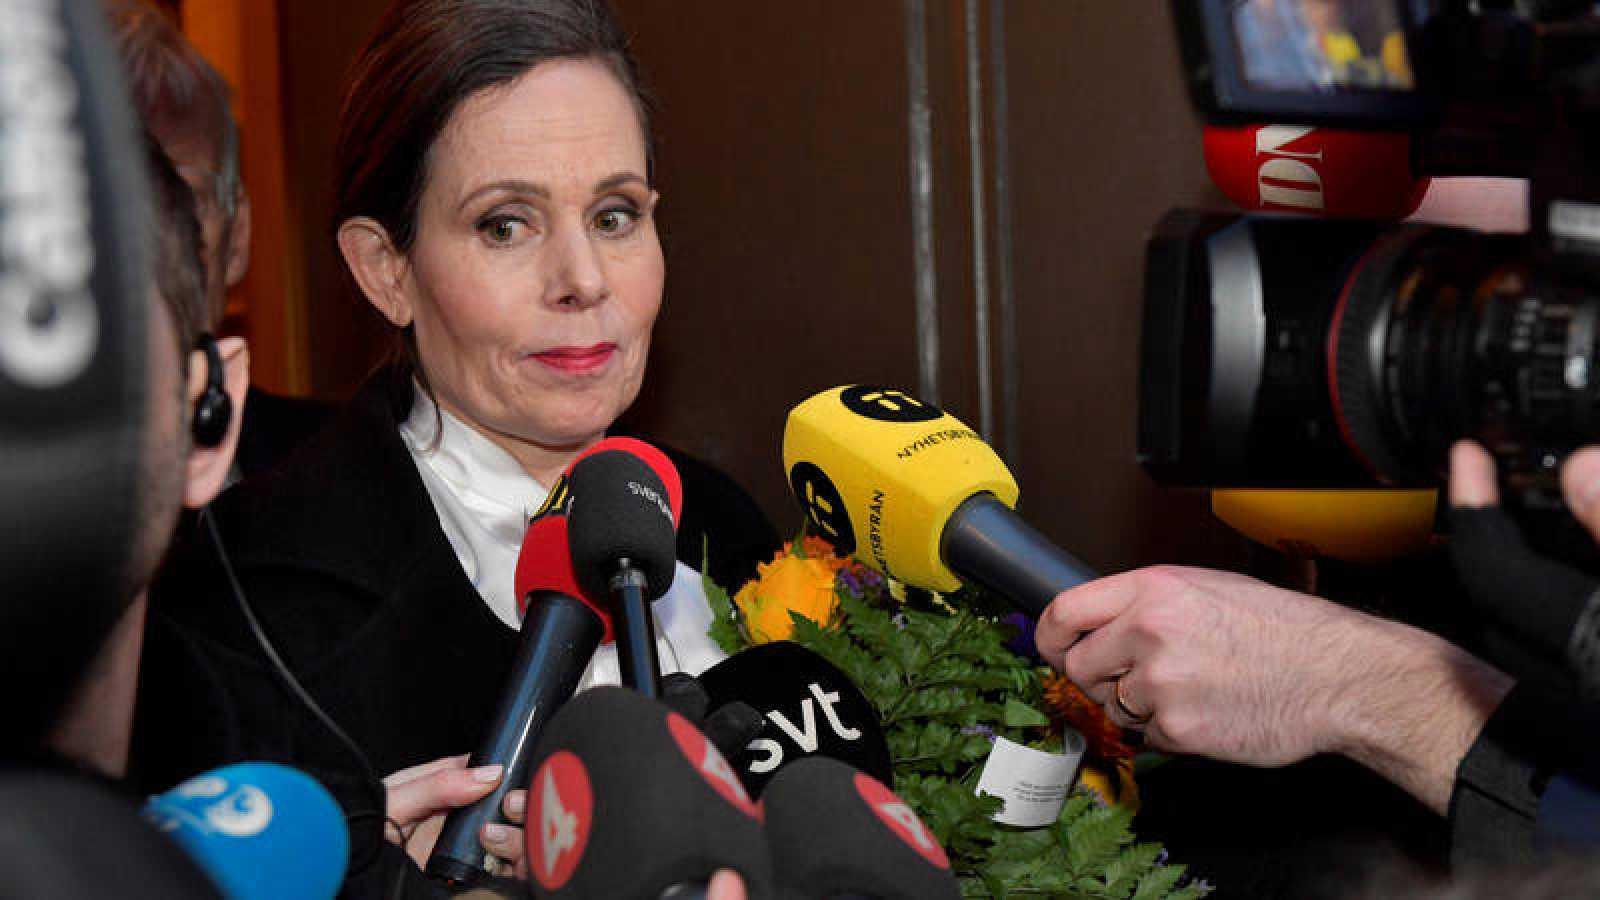 La secretaria permanente de la Academia Sueca, Sara Danius